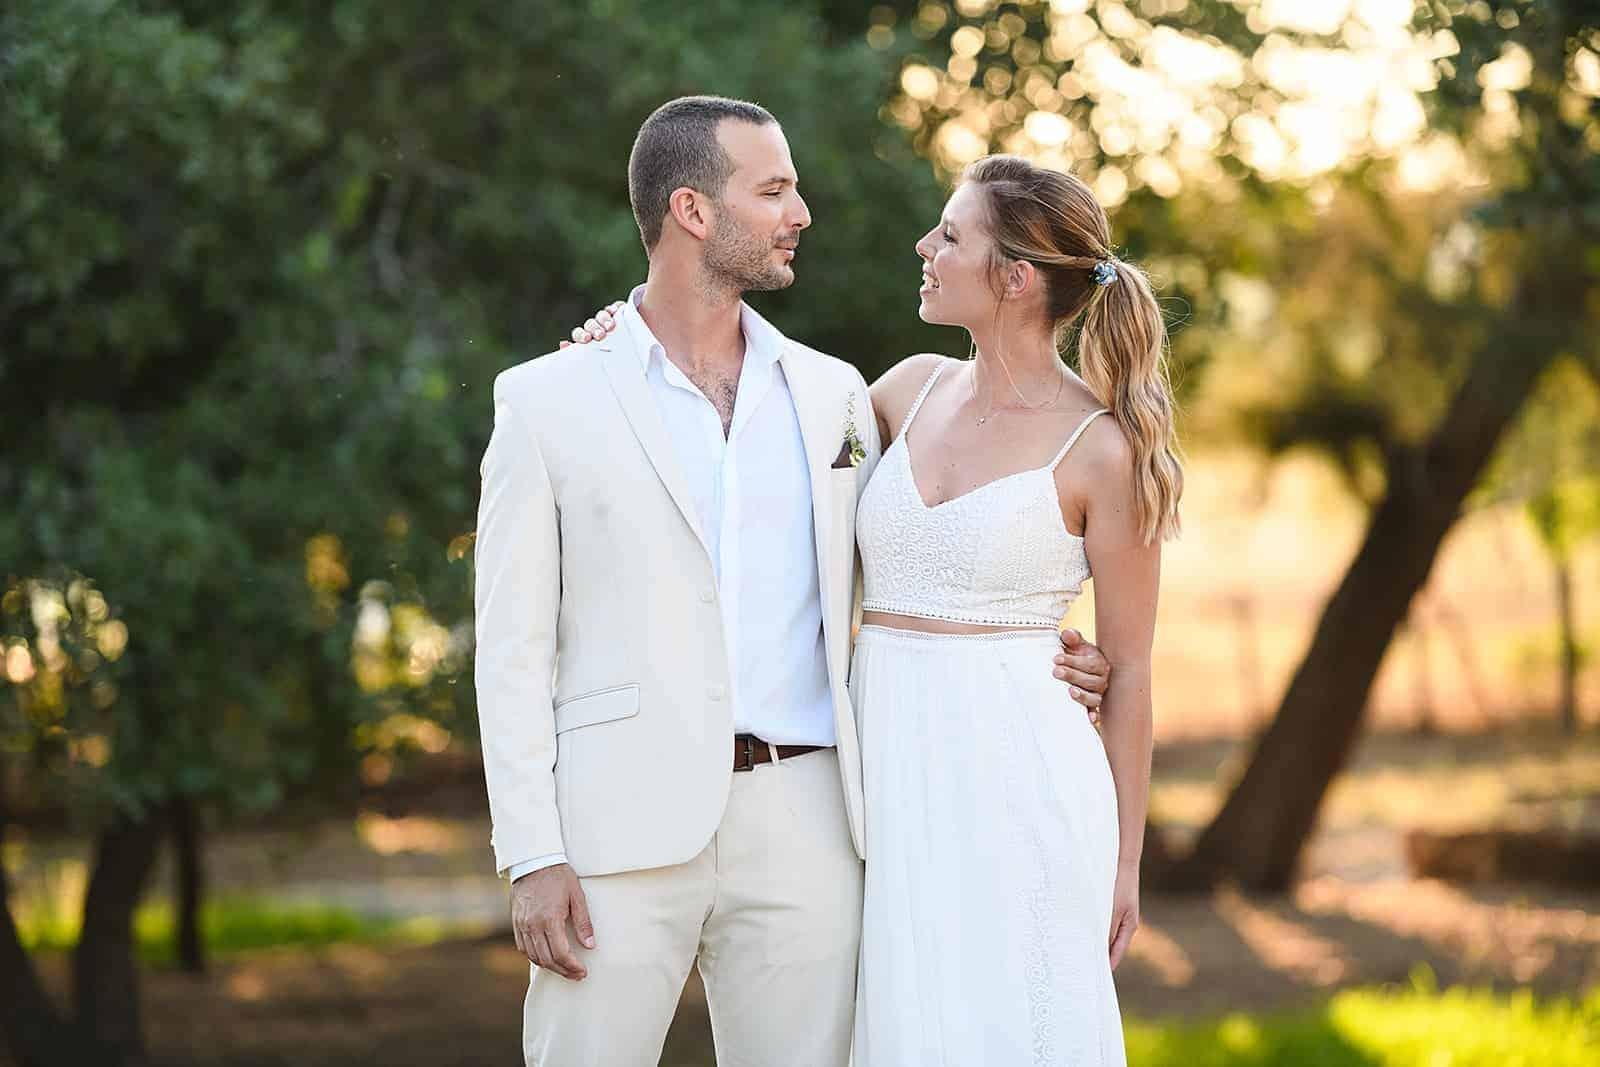 צילום מגנטים לחתונה